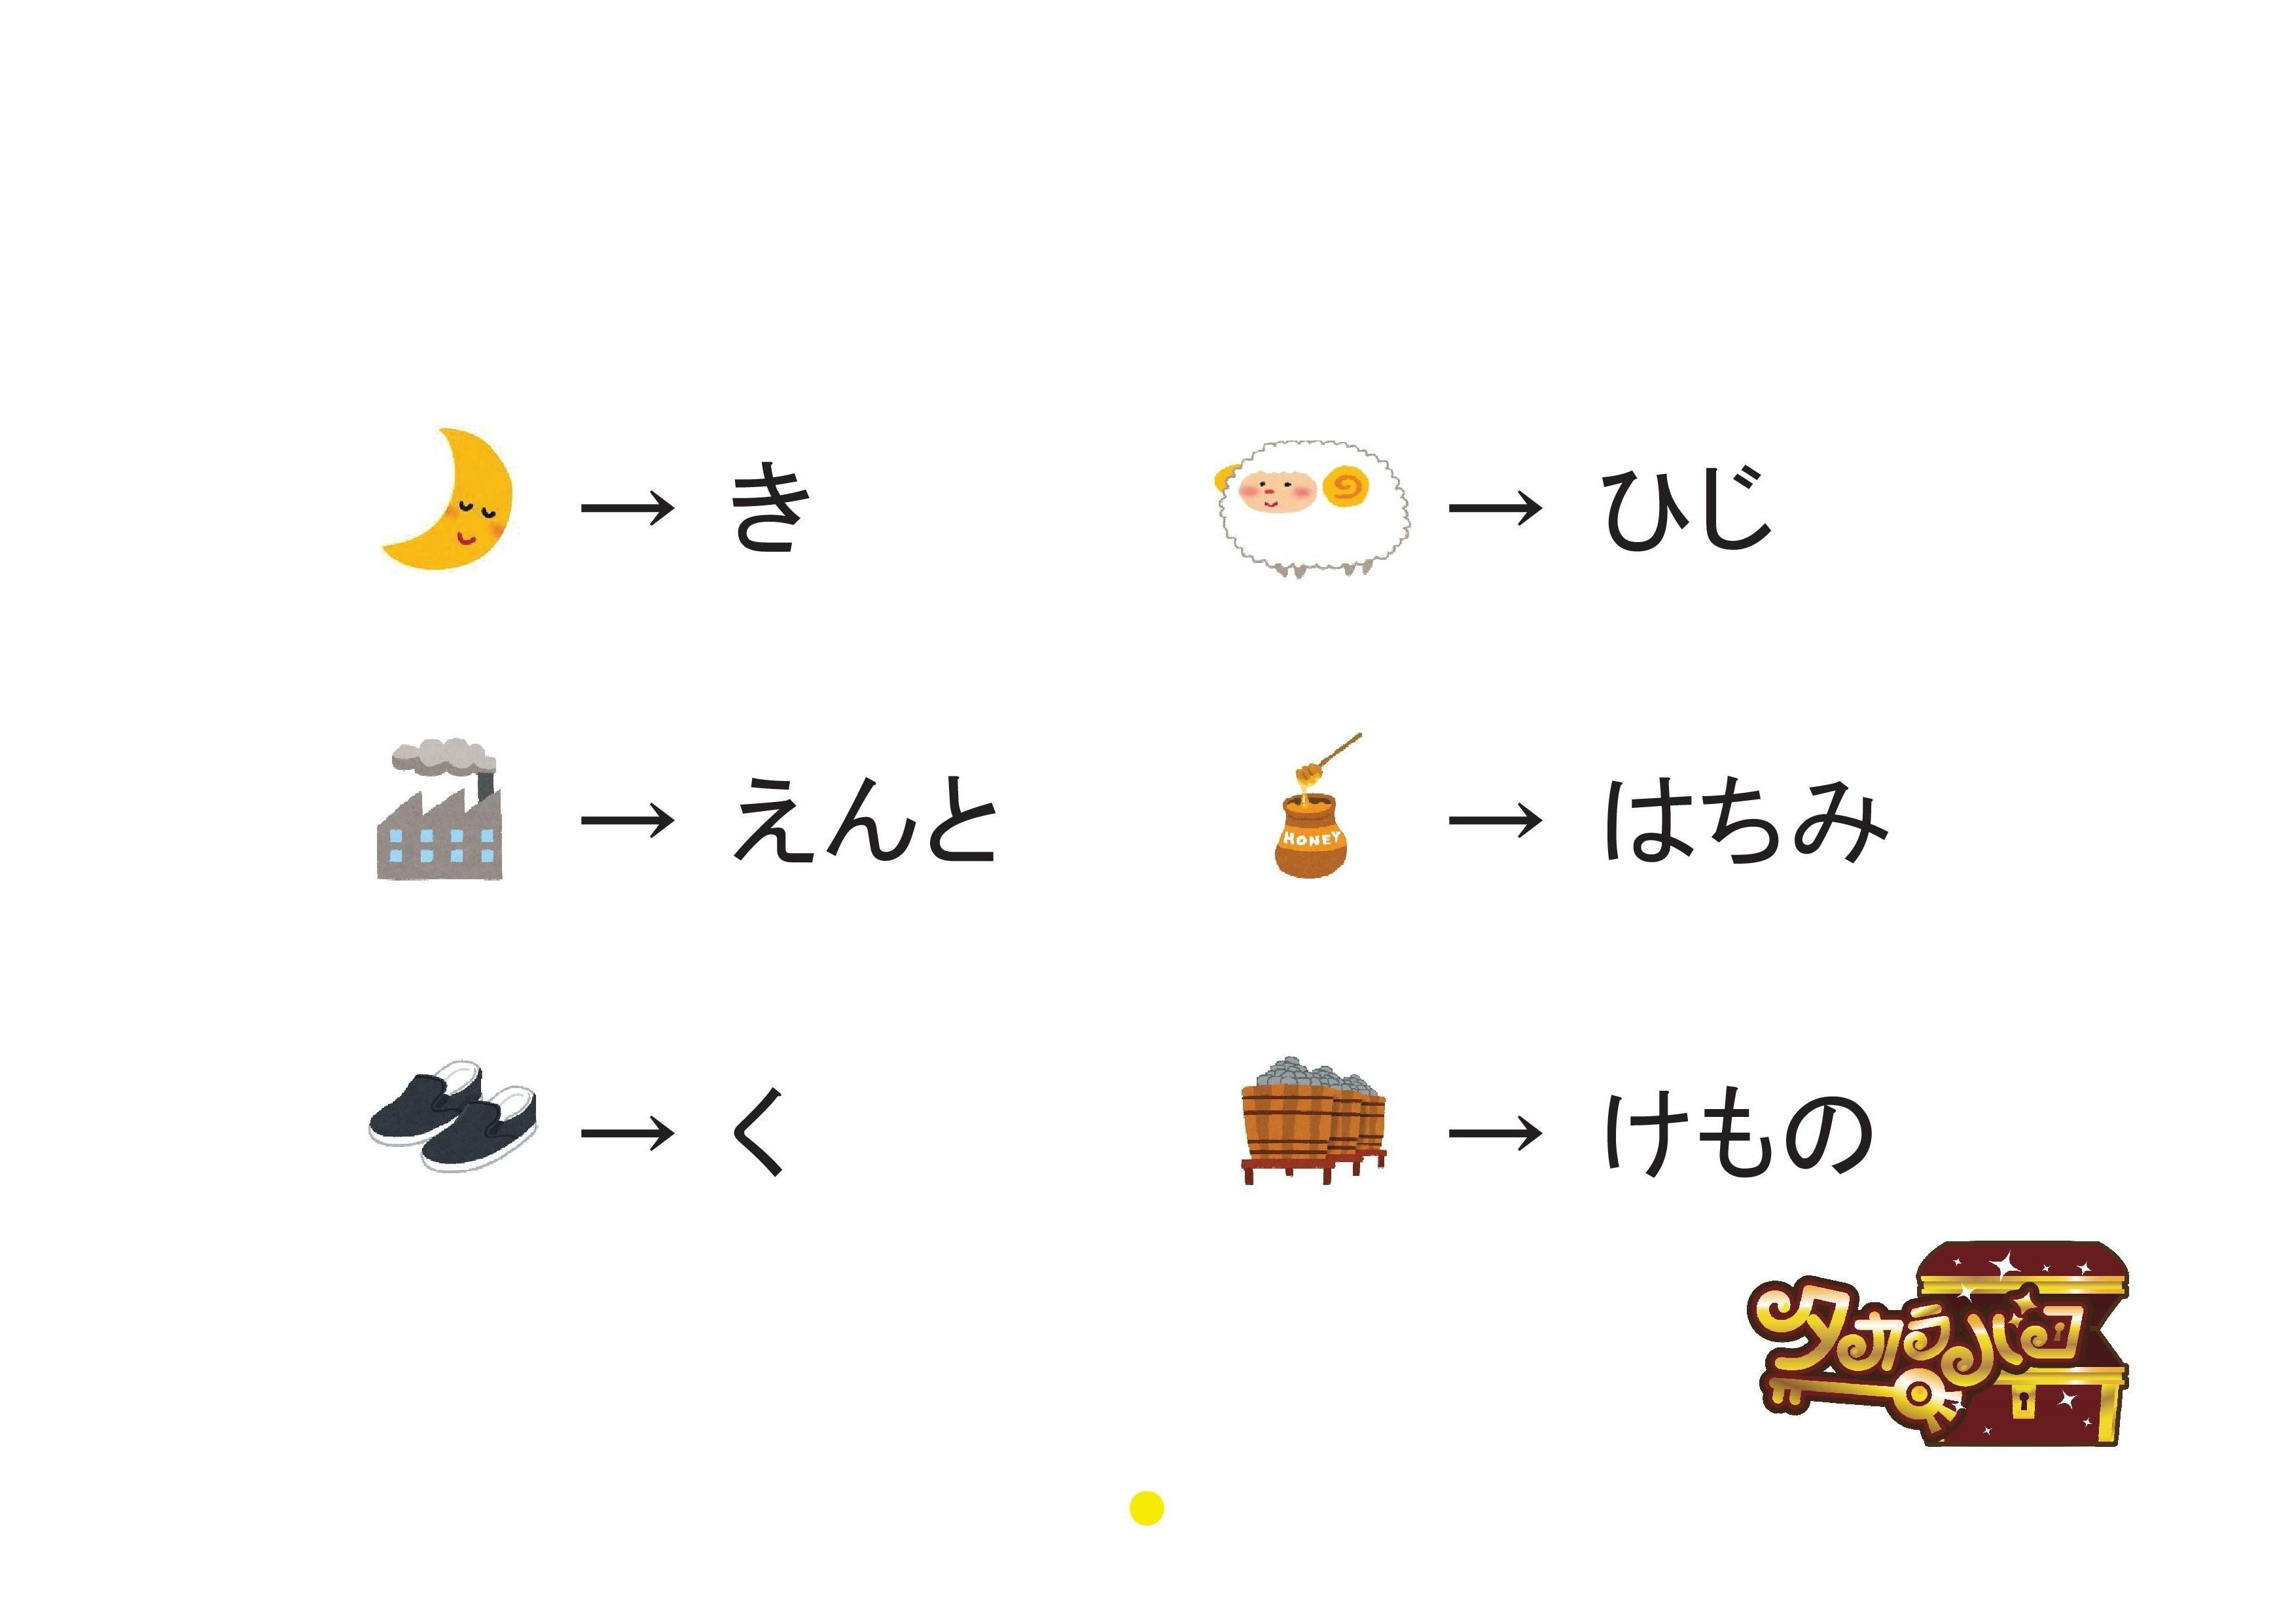 おみや002-004